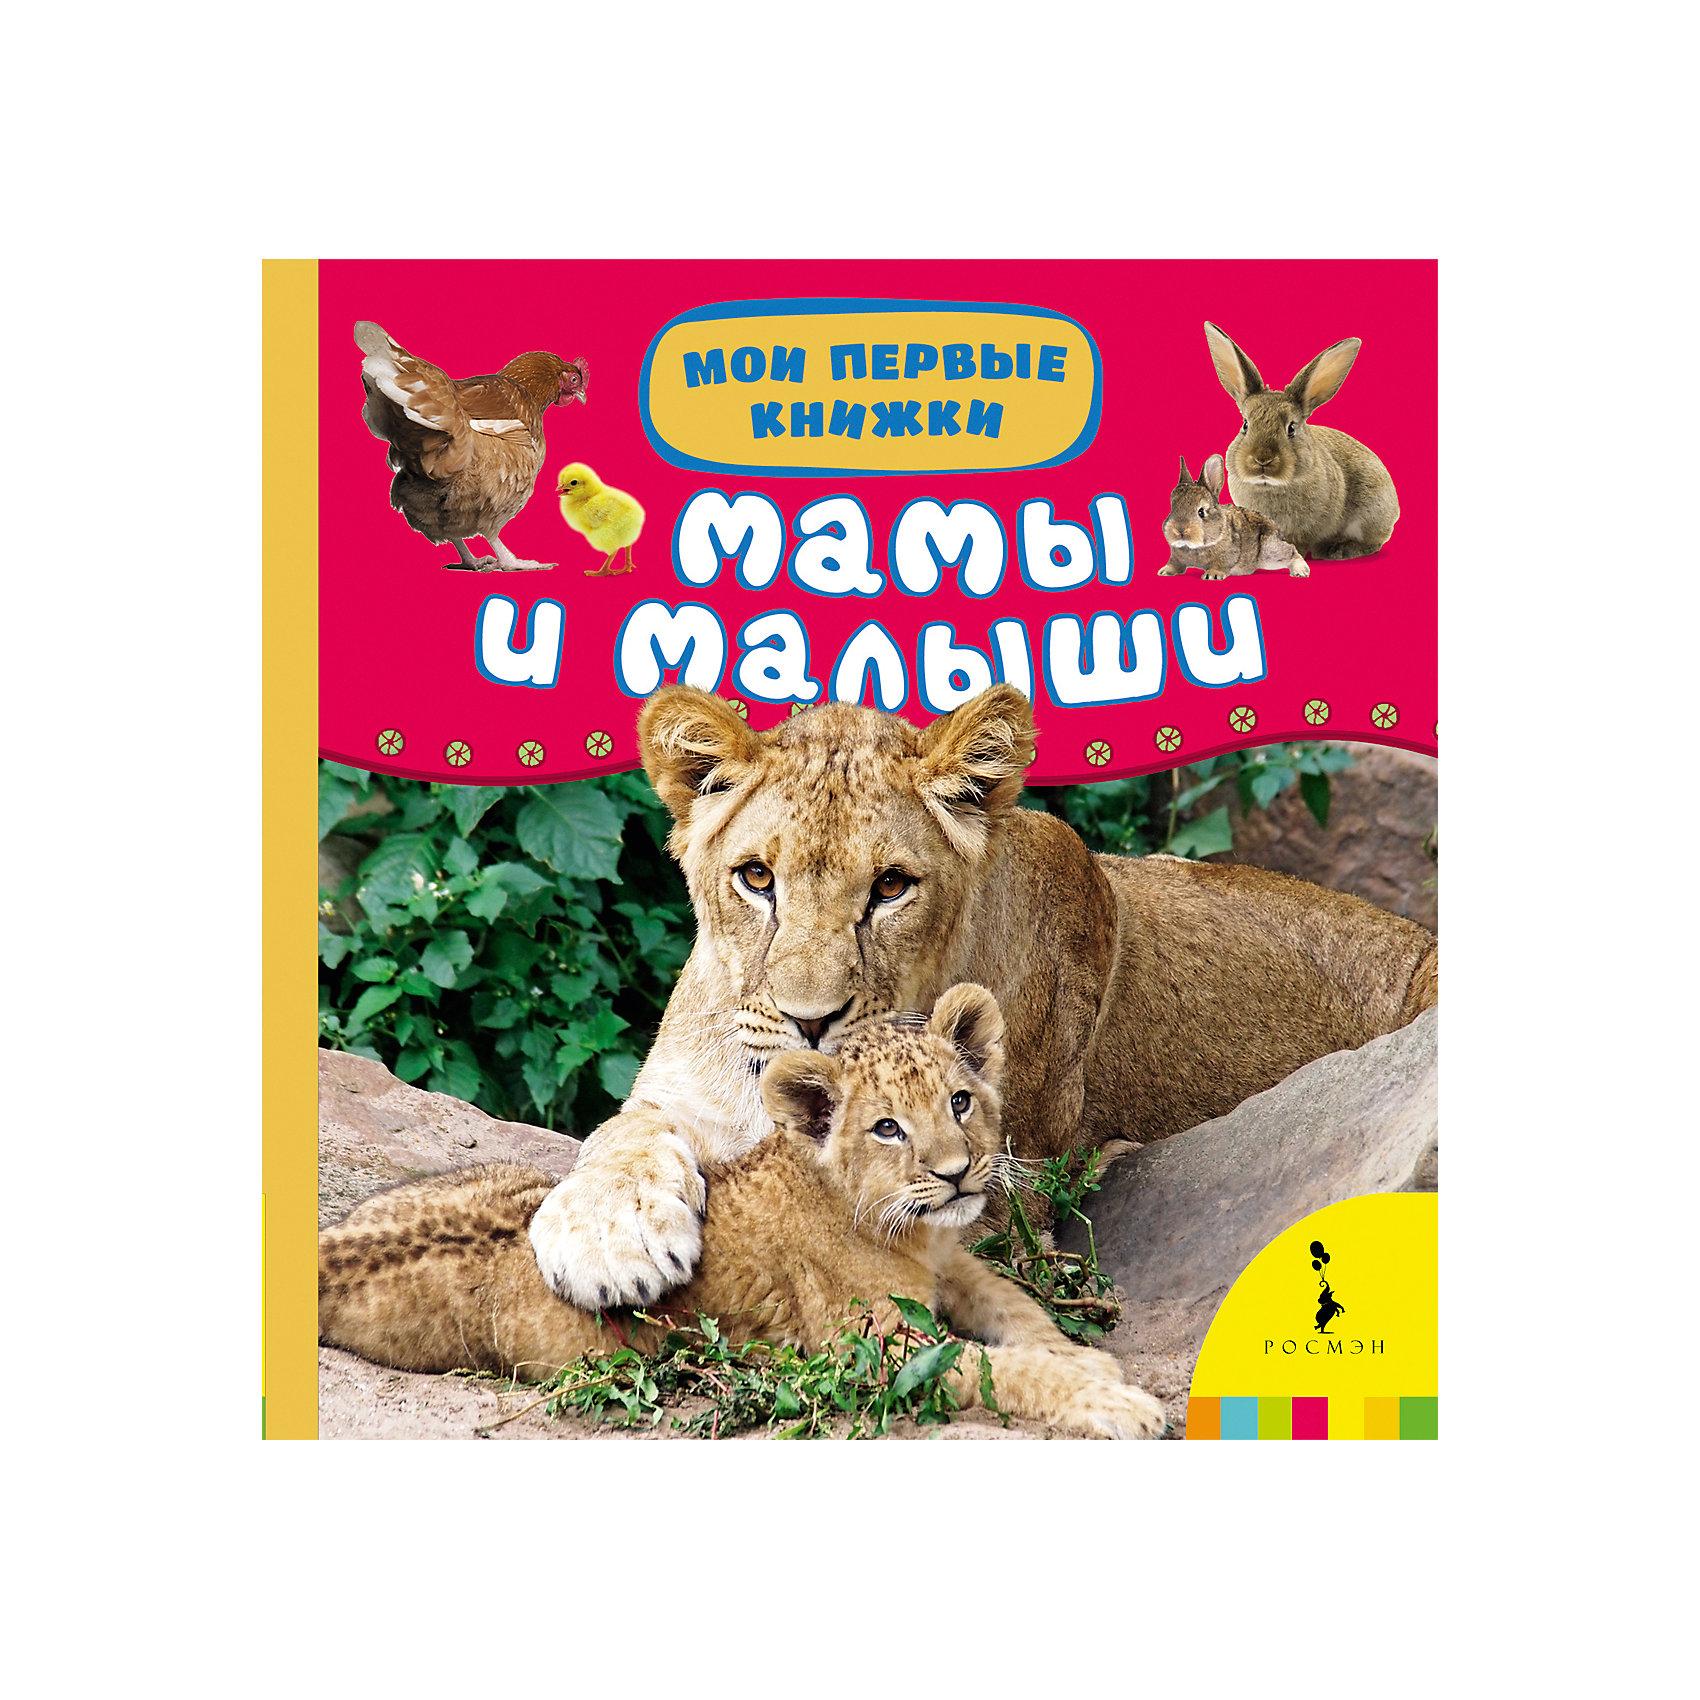 Мамы и малыши (Мои первые книжкиХарактеристики товара:<br><br>- цвет: разноцветный;<br>- материал: бумага;<br>- страниц: 14;<br>- формат: 17 х 17 см;<br>- обложка: картон;<br>- для чтения детям. <br><br>Издания серии Мои первые книжки - отличный способ занять ребенка! Эта красочная книга станет отличным подарком для родителей и малыша. Она содержит в себе полезную информацию и яркие картинки, которые так любят дети. Отличный способ привить малышу любовь к чтению и начать обучение!<br>Чтение и рассматривание картинок даже в юном возрасте помогает ребенку развивать память, концентрацию внимания и воображение. Издание произведено из качественных материалов, которые безопасны даже для самых маленьких.<br><br>Издание Мамы и малыши (Мои первые книжки) от компании Росмэн можно купить в нашем интернет-магазине.<br><br>Ширина мм: 165<br>Глубина мм: 165<br>Высота мм: 20<br>Вес г: 310<br>Возраст от месяцев: 0<br>Возраст до месяцев: 36<br>Пол: Унисекс<br>Возраст: Детский<br>SKU: 5110087